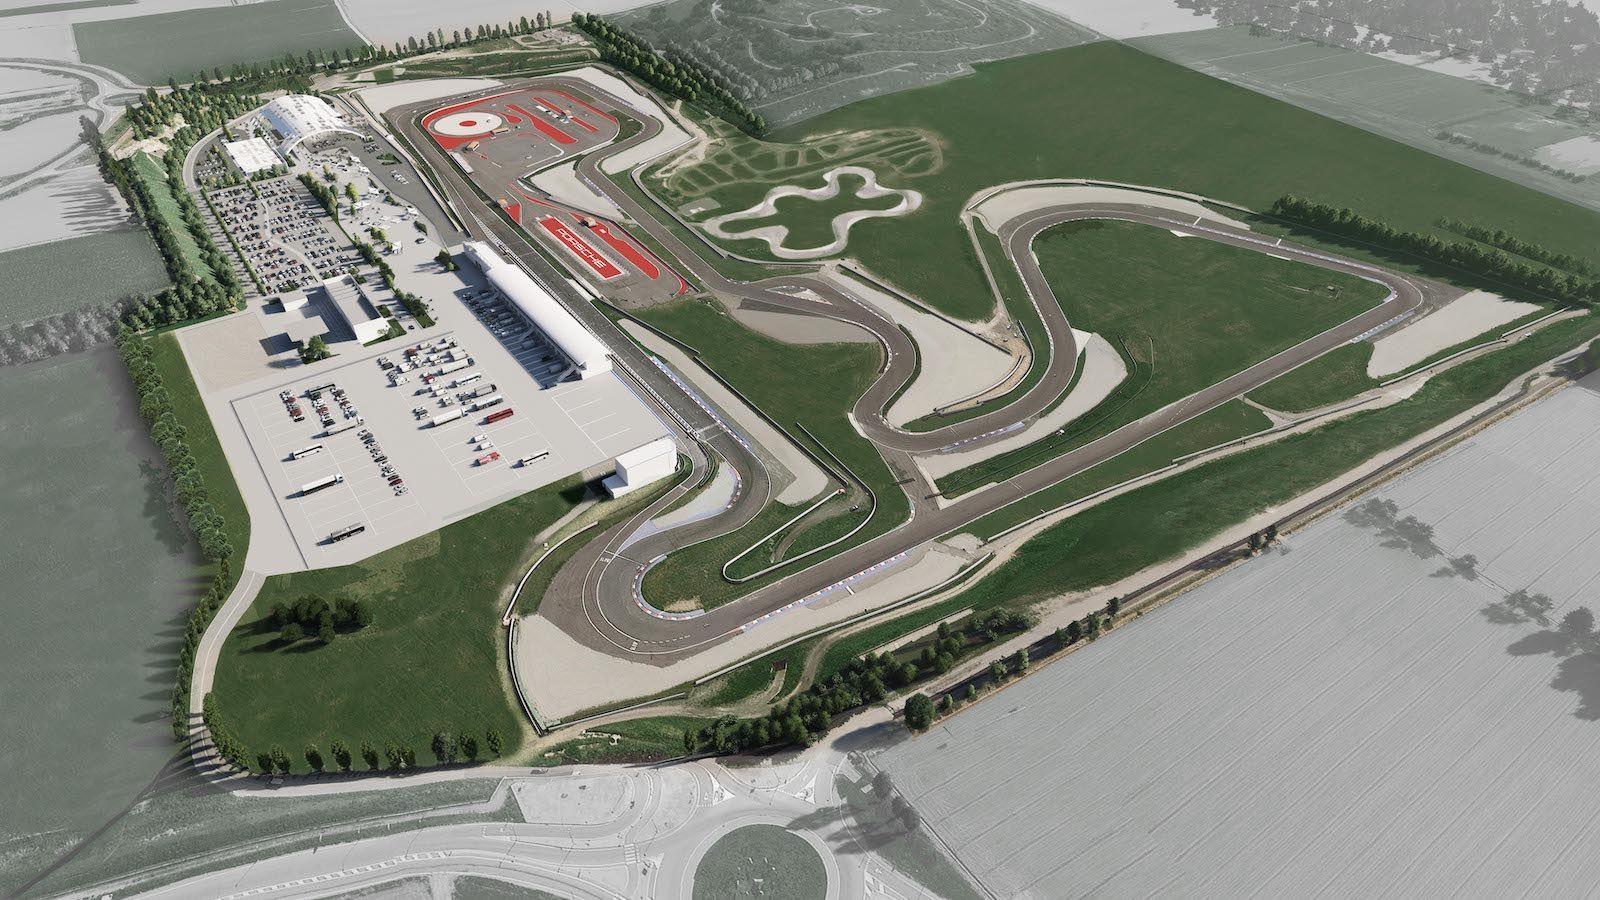 Centro de Experiencias Porsche (CEP) Franciacorta